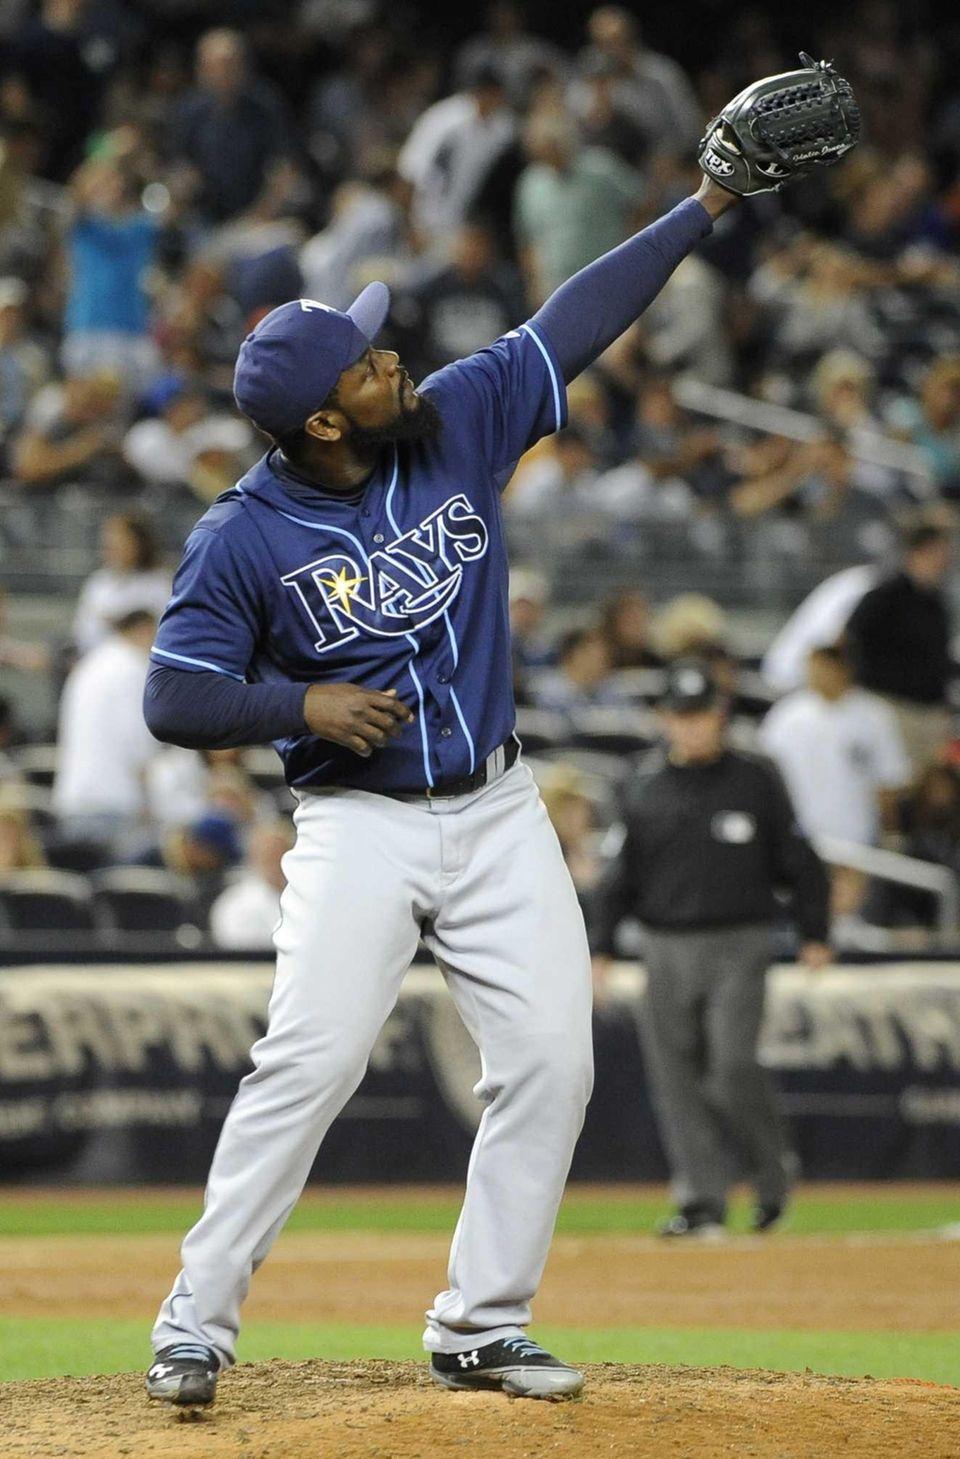 Tampa Bay Rays relief pitcher Fernando Rodney celebrates